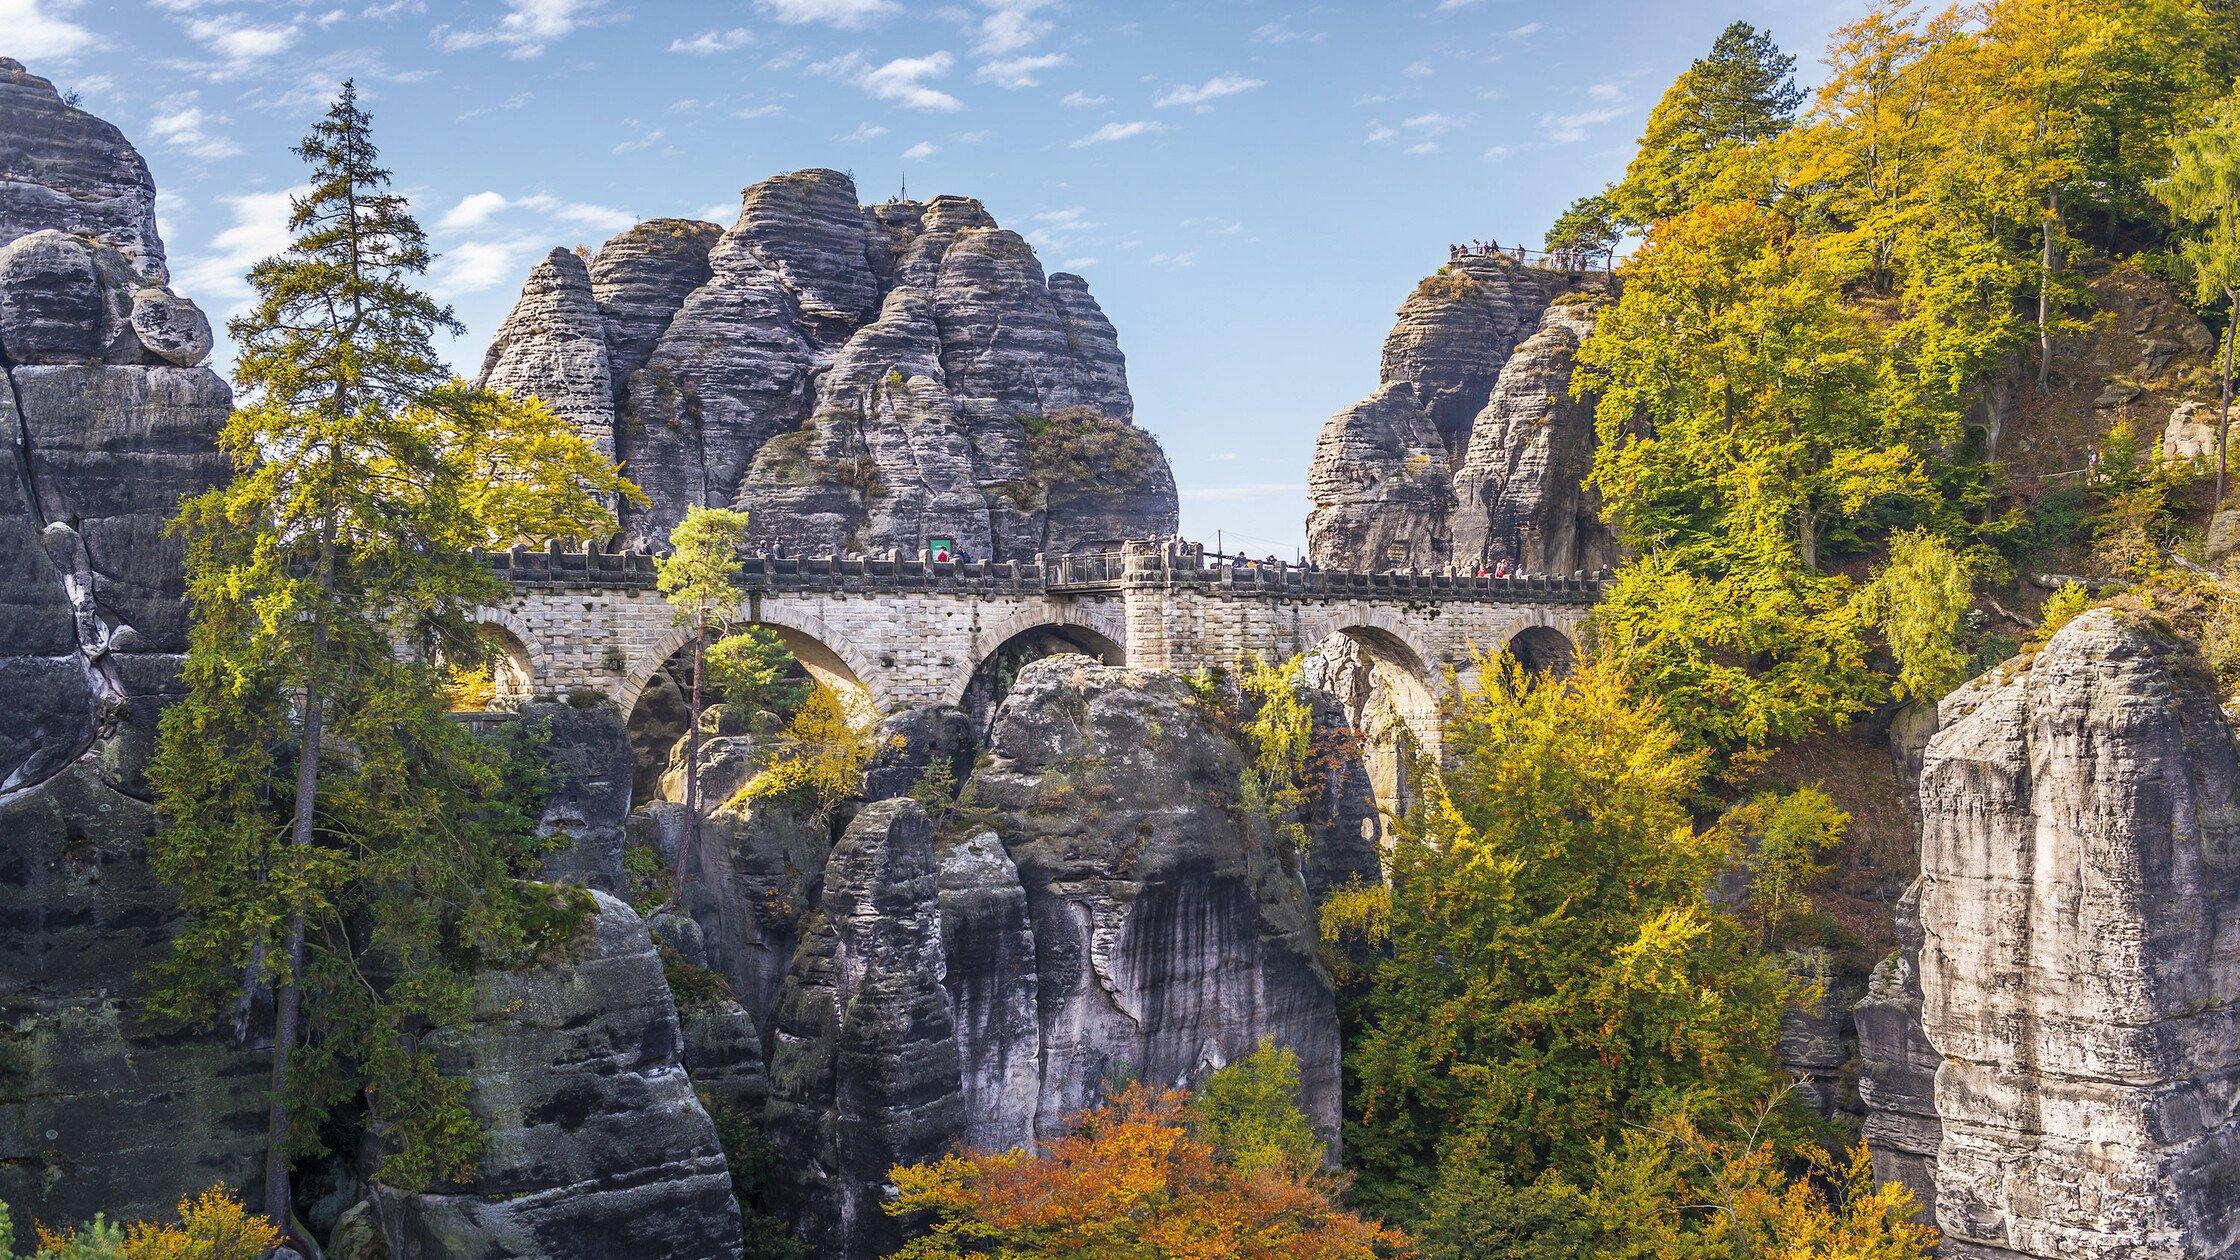 Blick in Bucht mit alter Steinbrücke